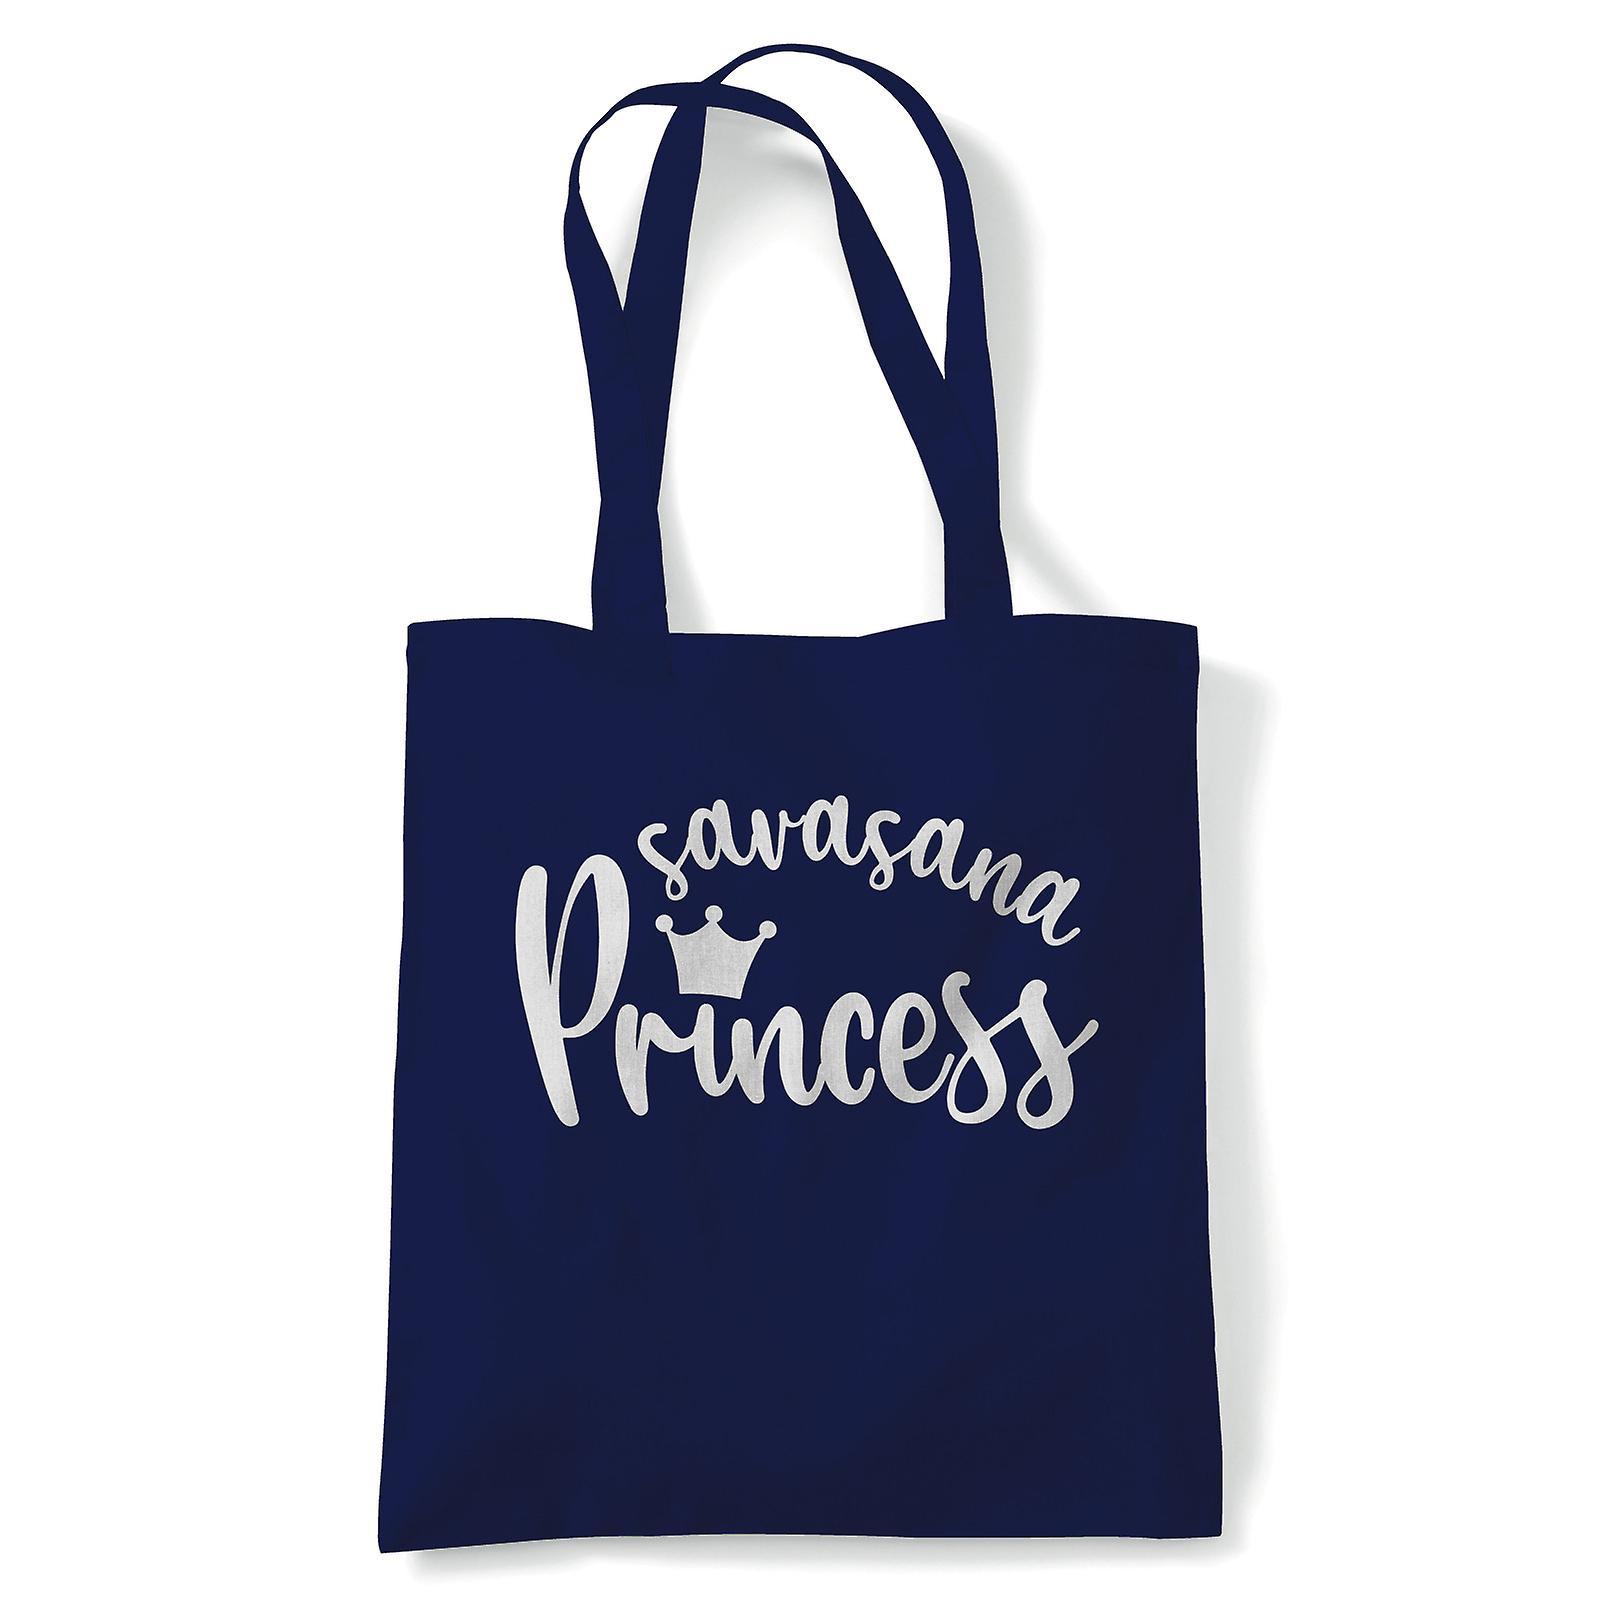 Savasana Princess, Tote - Yoga Reusable Canvas Bag Gift ...